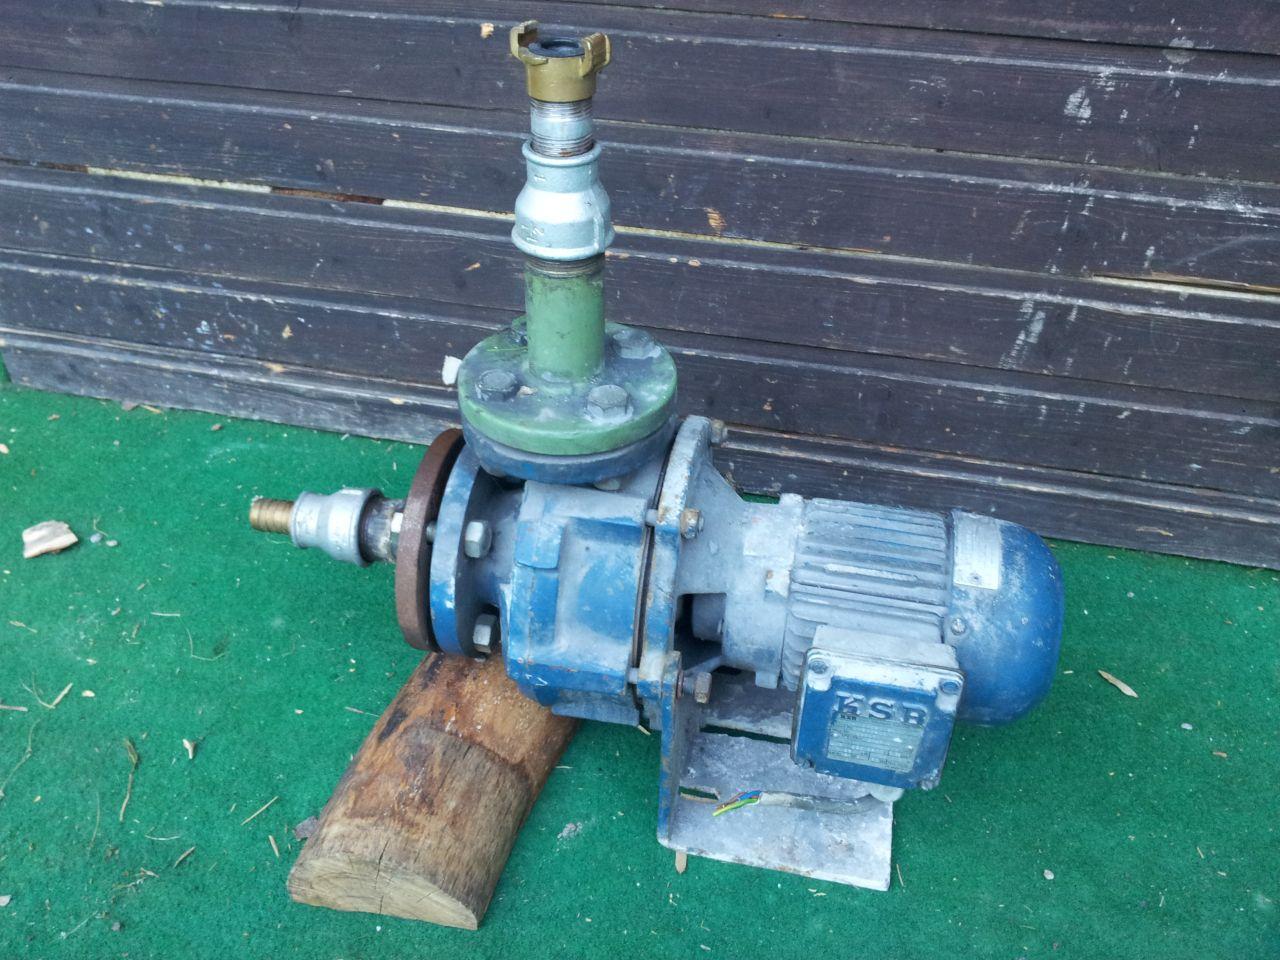 Kabel pumpe - Ersatzteile und Reparatur Suche